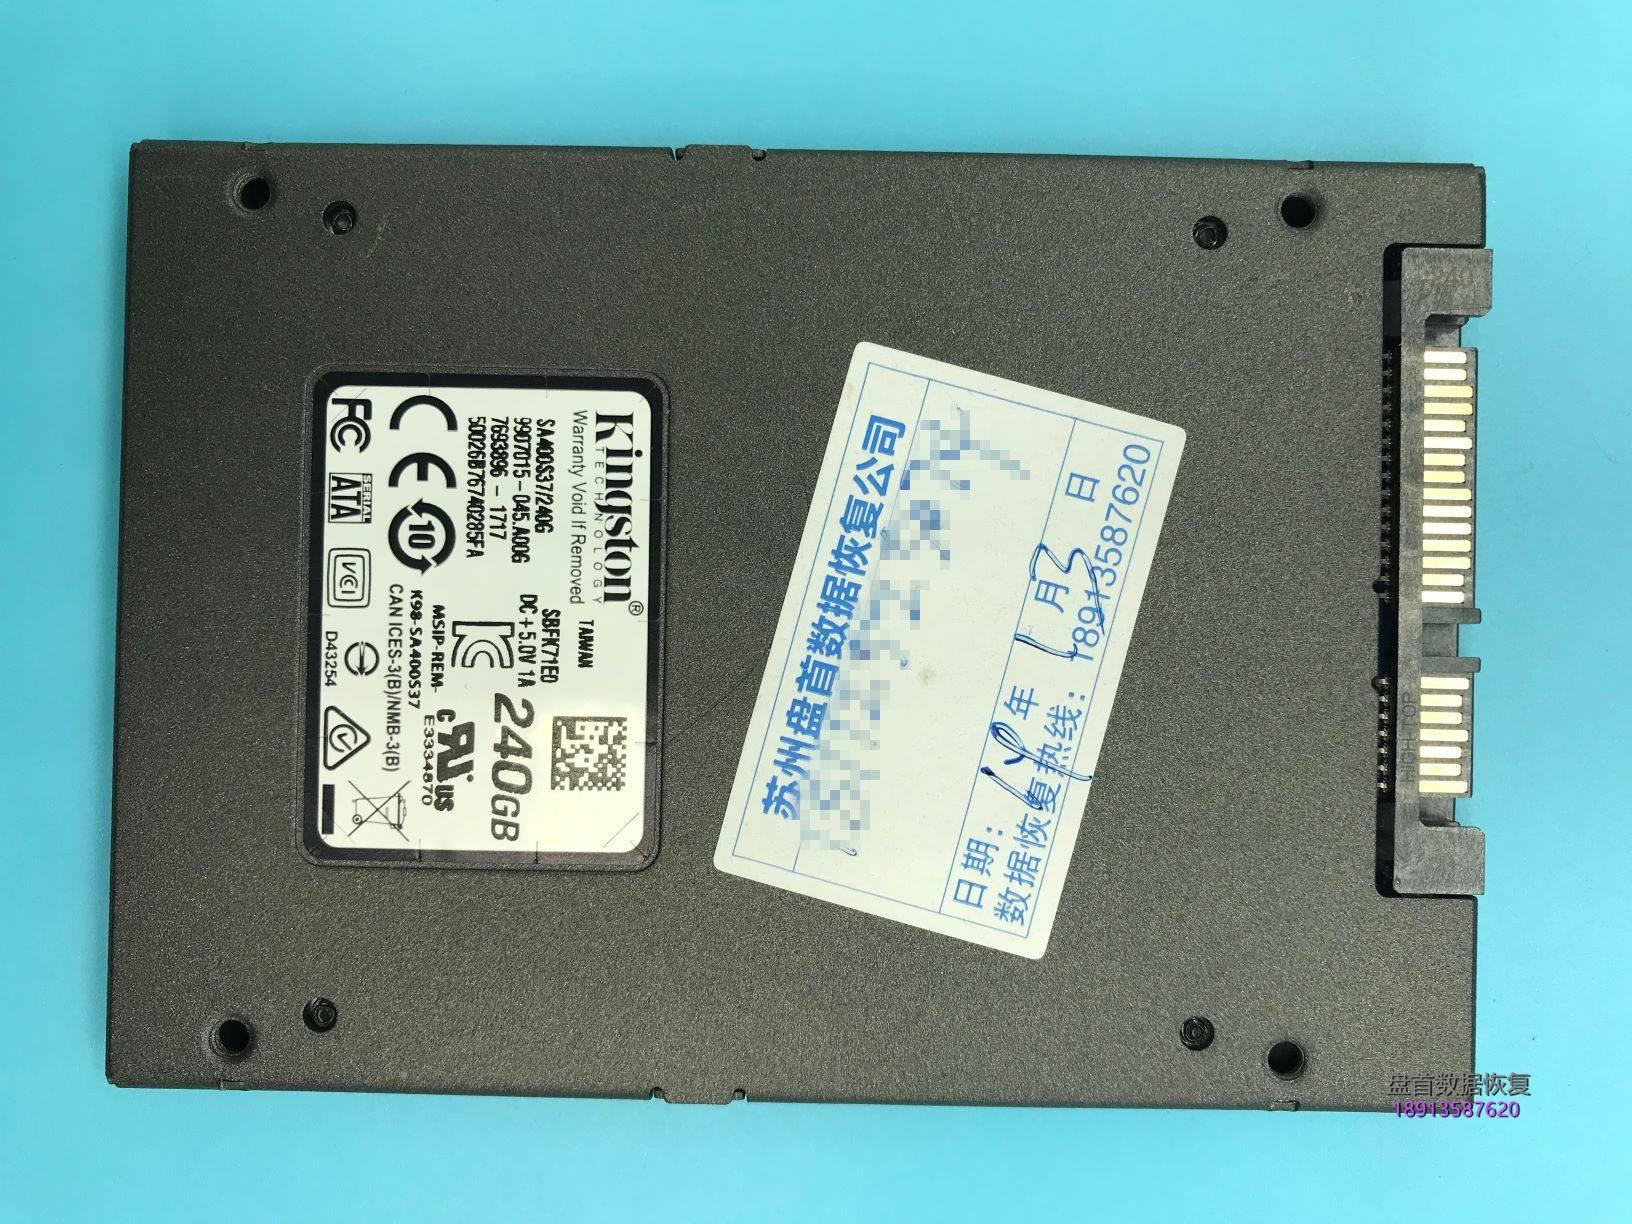 0-2 金士顿SA400S37/240G固态硬盘突然读不出数据分区显示未初始化型号变成SATAFIRM S11数据恢复成功